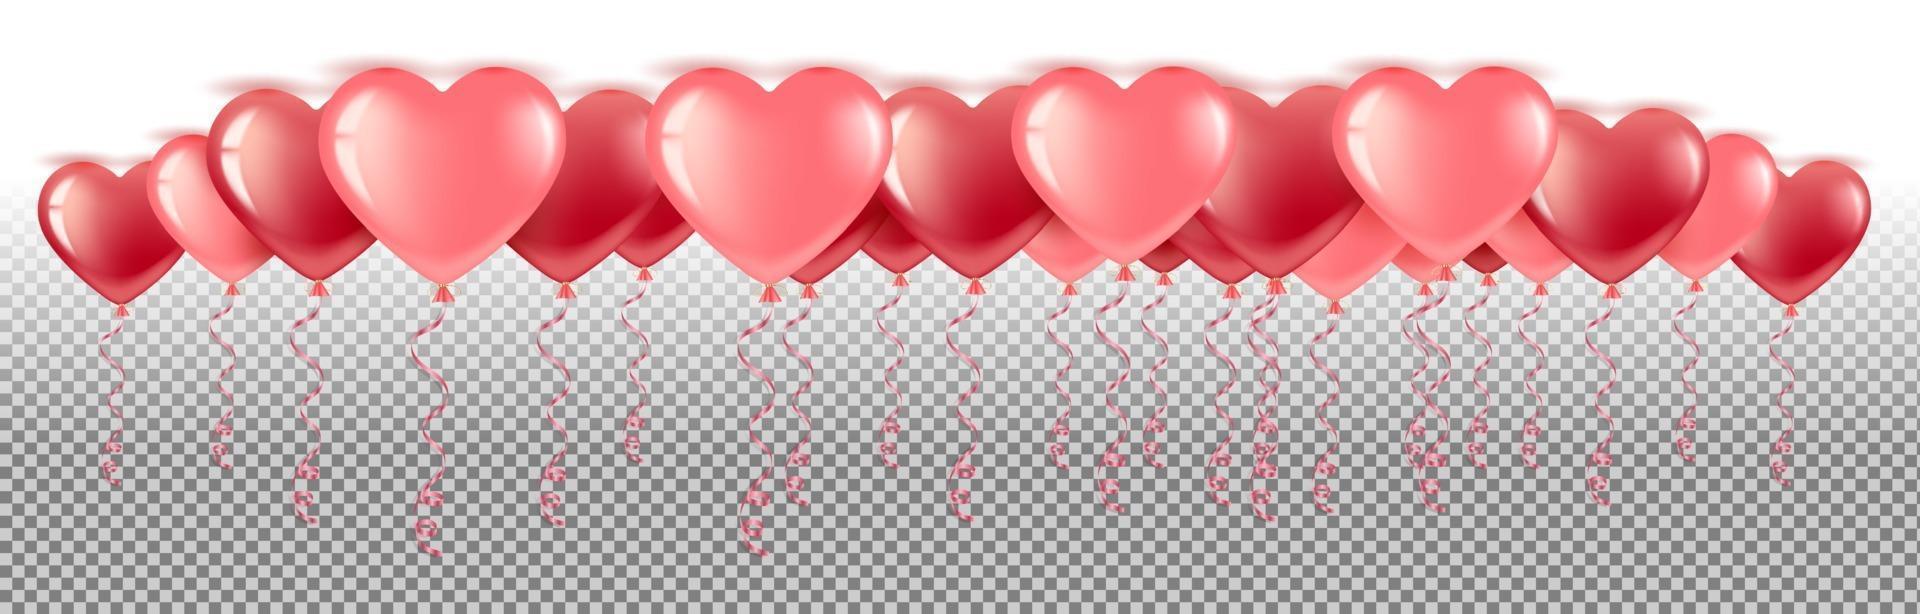 vettore di palloncini cuore molti